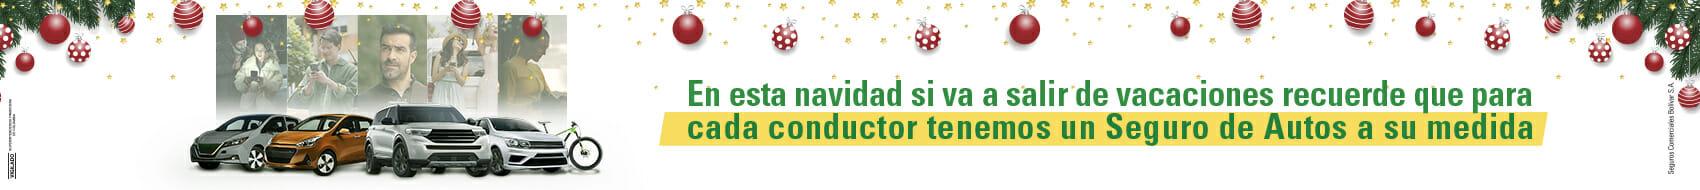 Banner Navidad autos - 1700 x 190